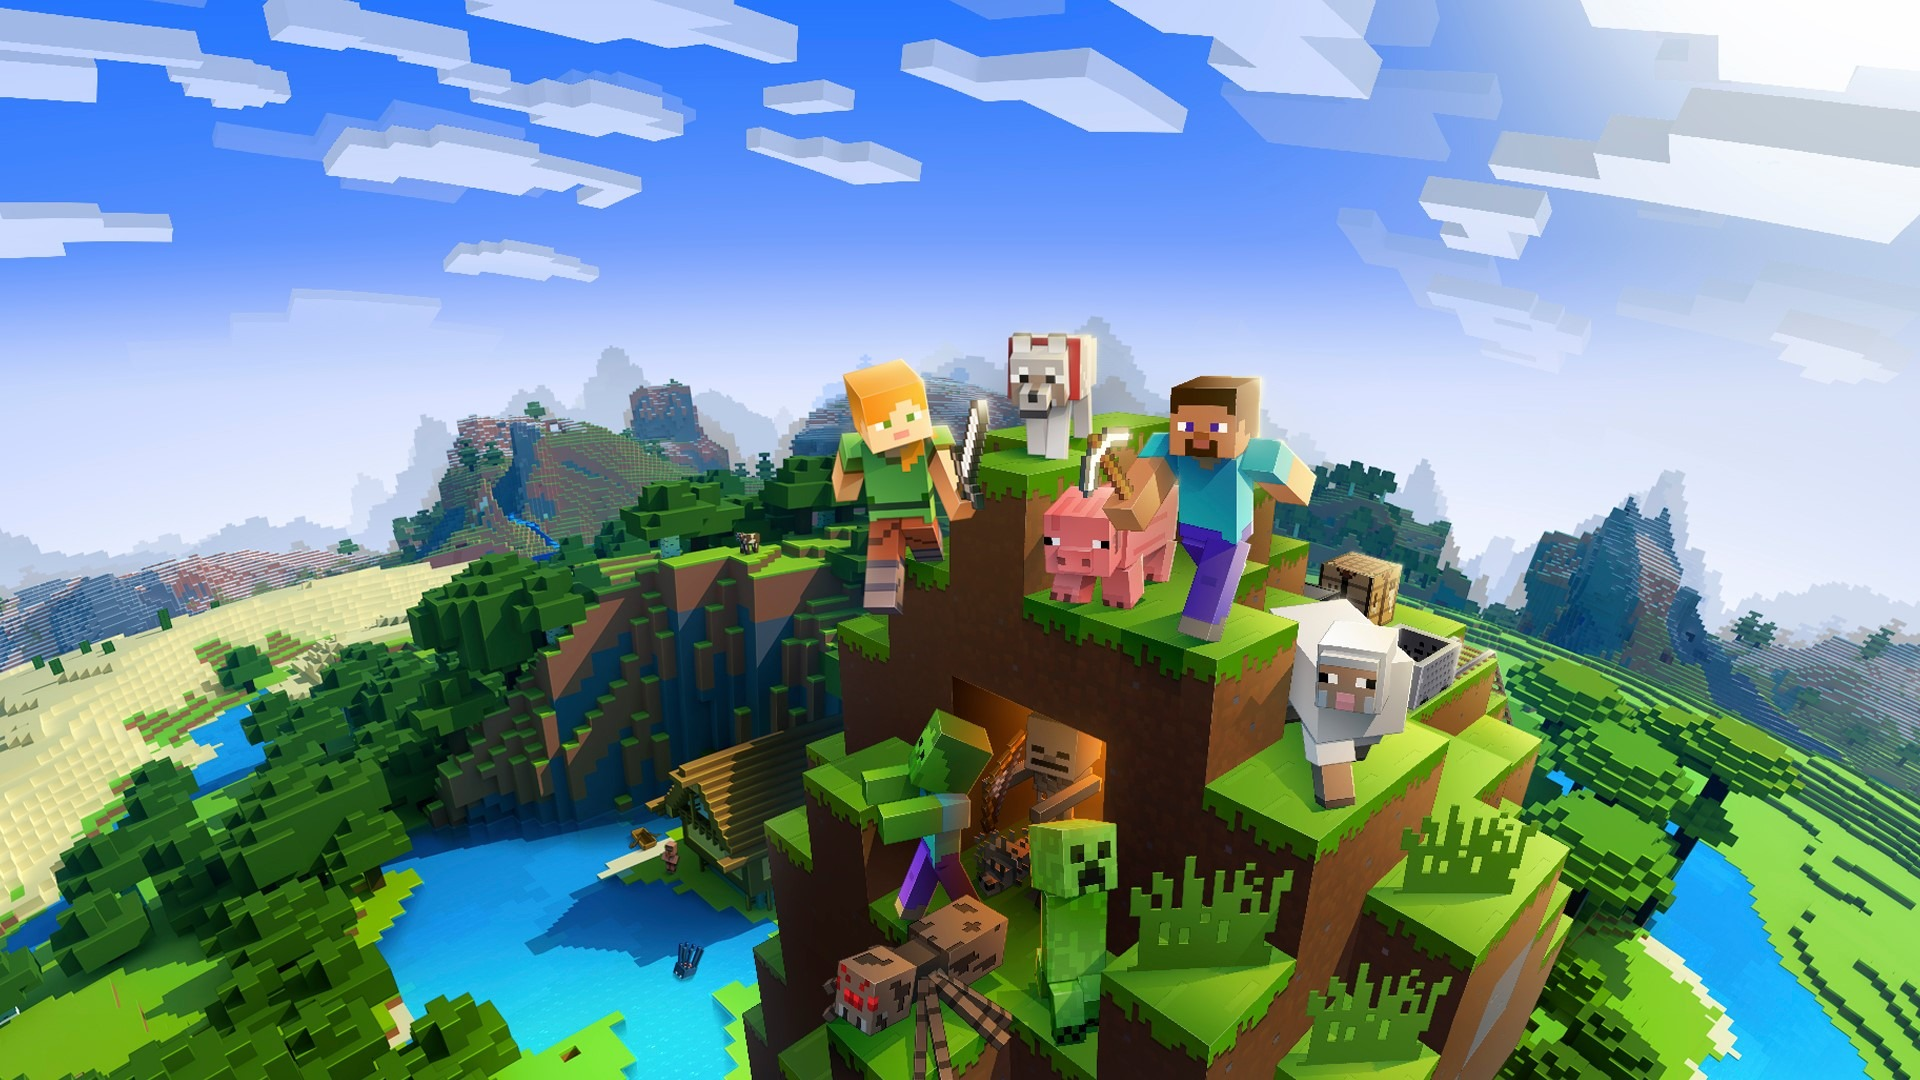 チョイス マインクラフトをプレイしたことが ある ない 結果発表 Game Spark 国内 海外ゲーム情報サイト